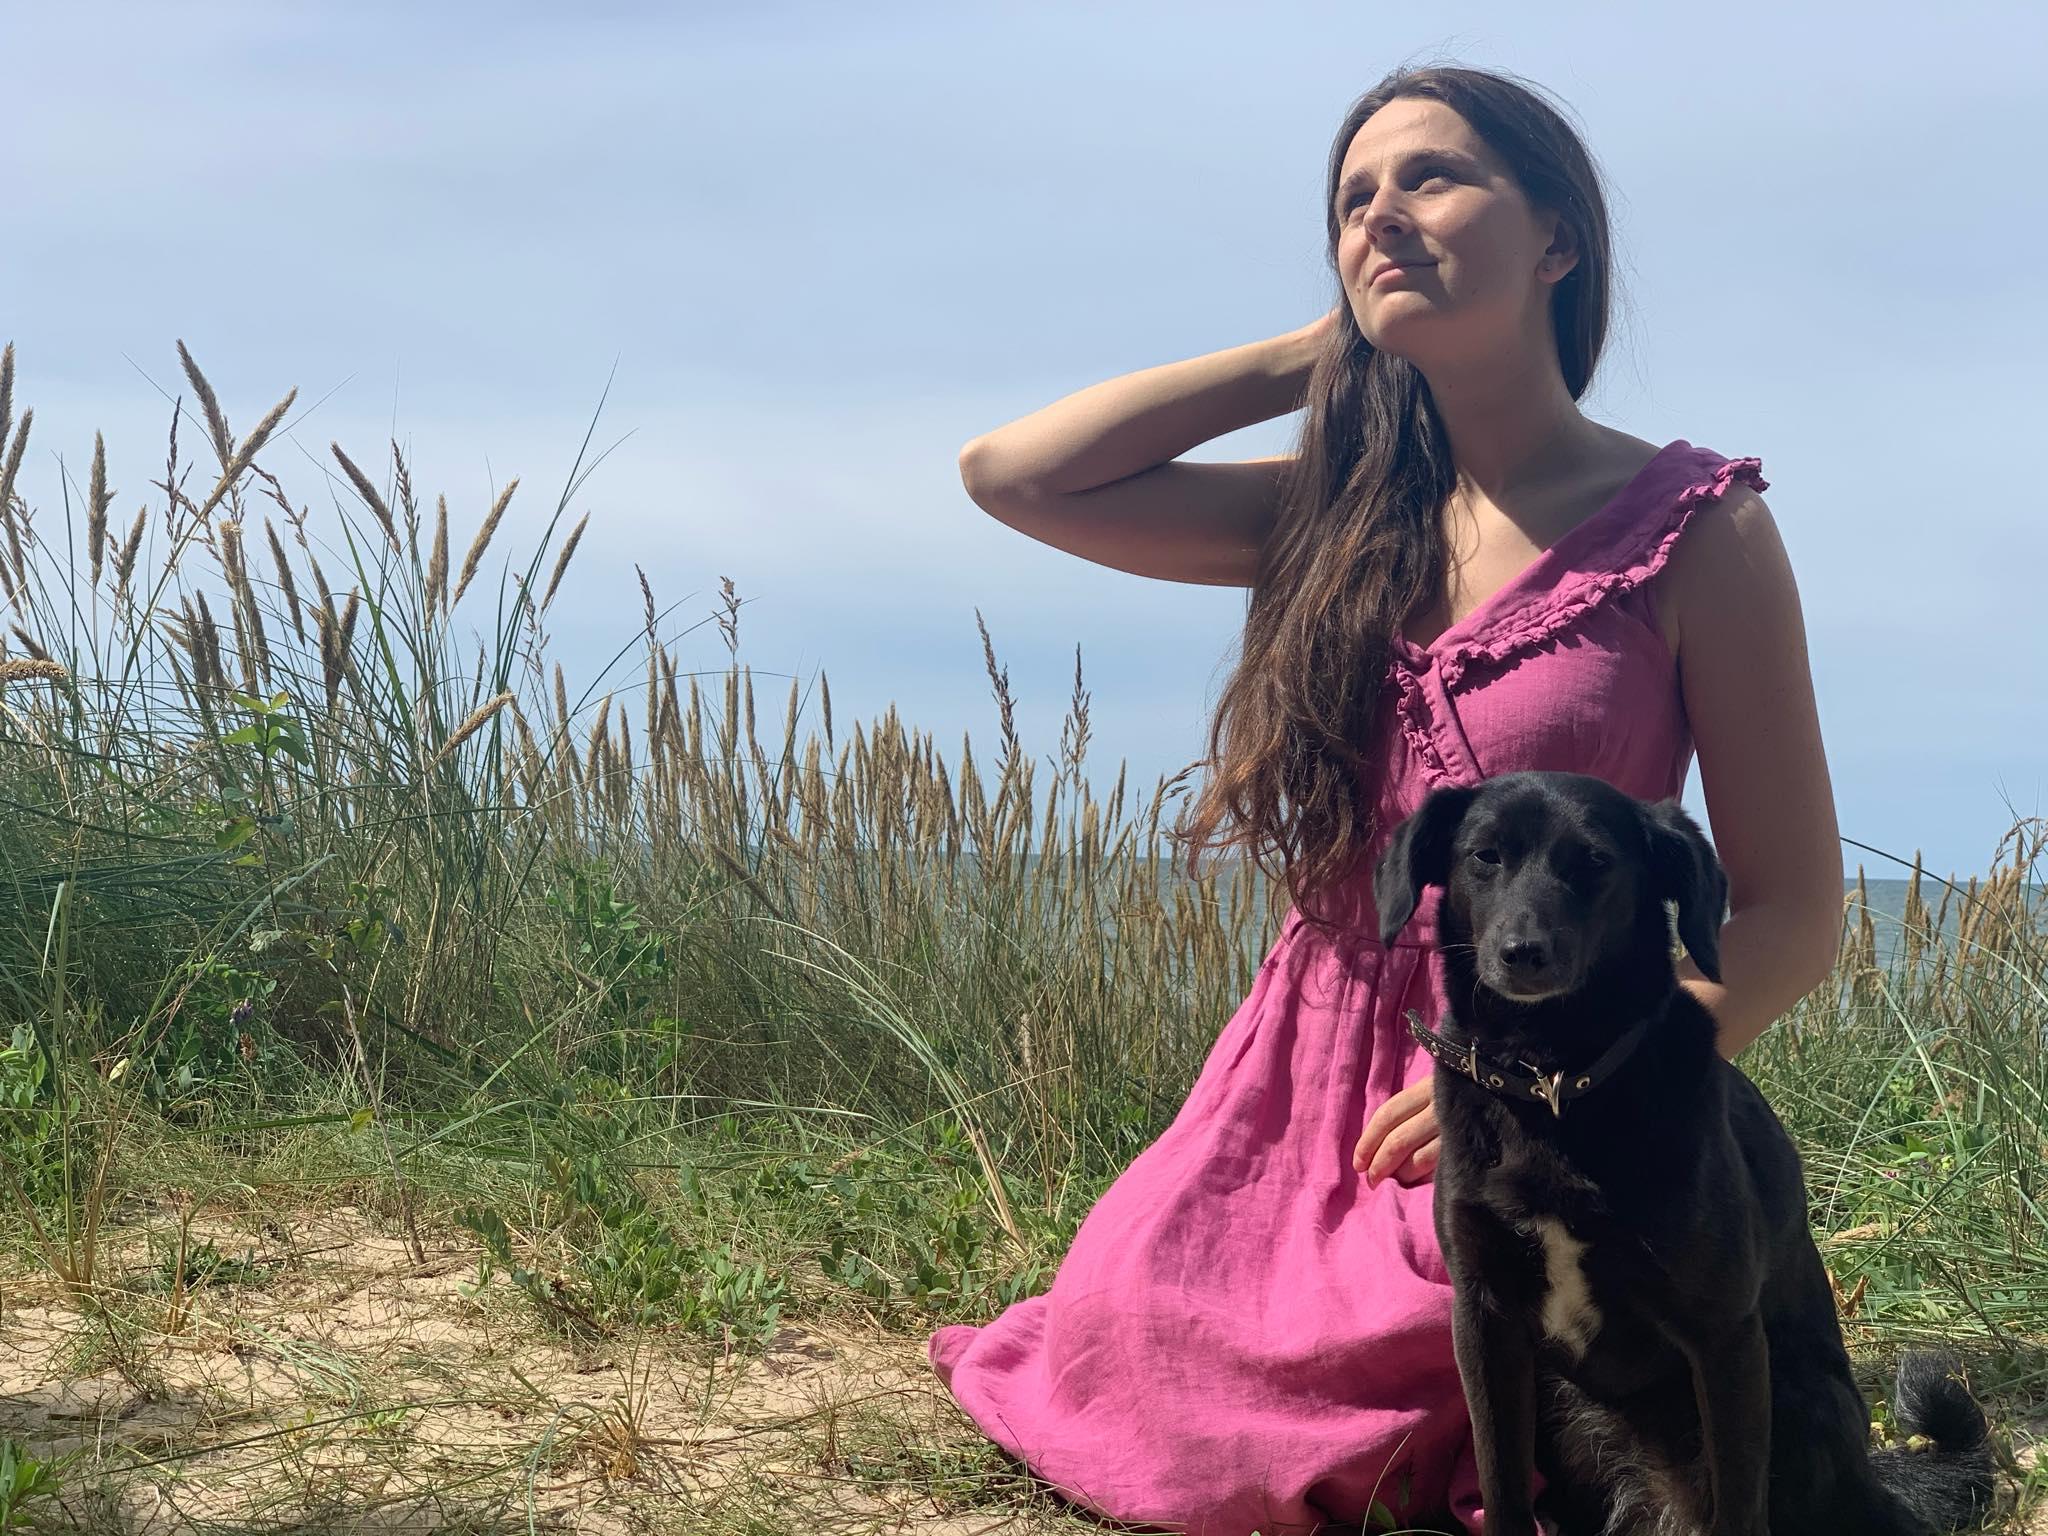 Mergina su juodu šuniuku kopose, už nugaros matosi jūra.